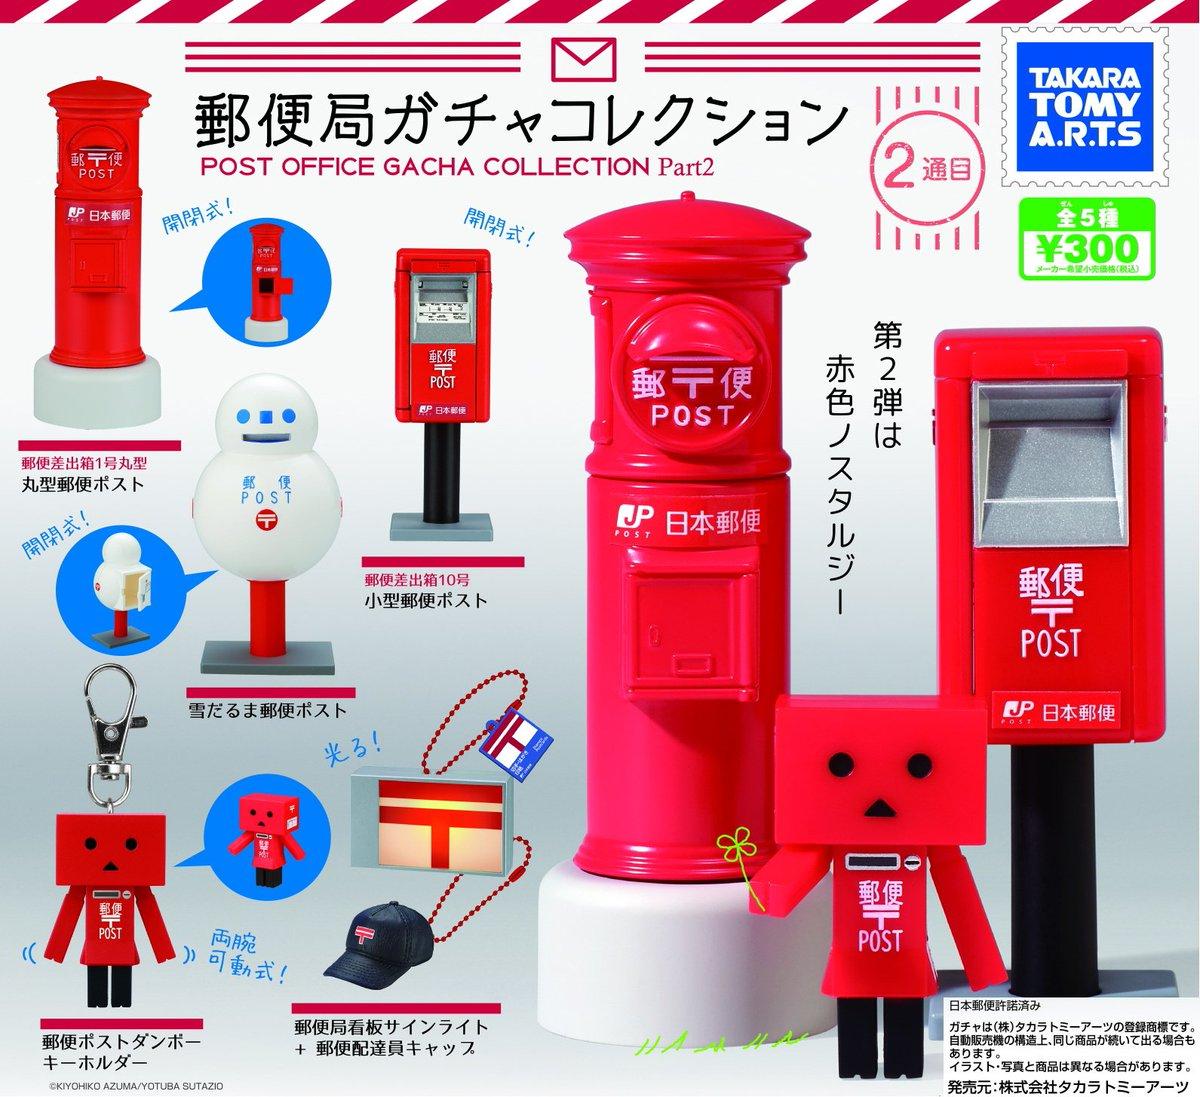 「郵便局ガチャコレクション2通目」(第2弾)が、2月1日(水)から全国のカプセル玩具機で販売開始され…